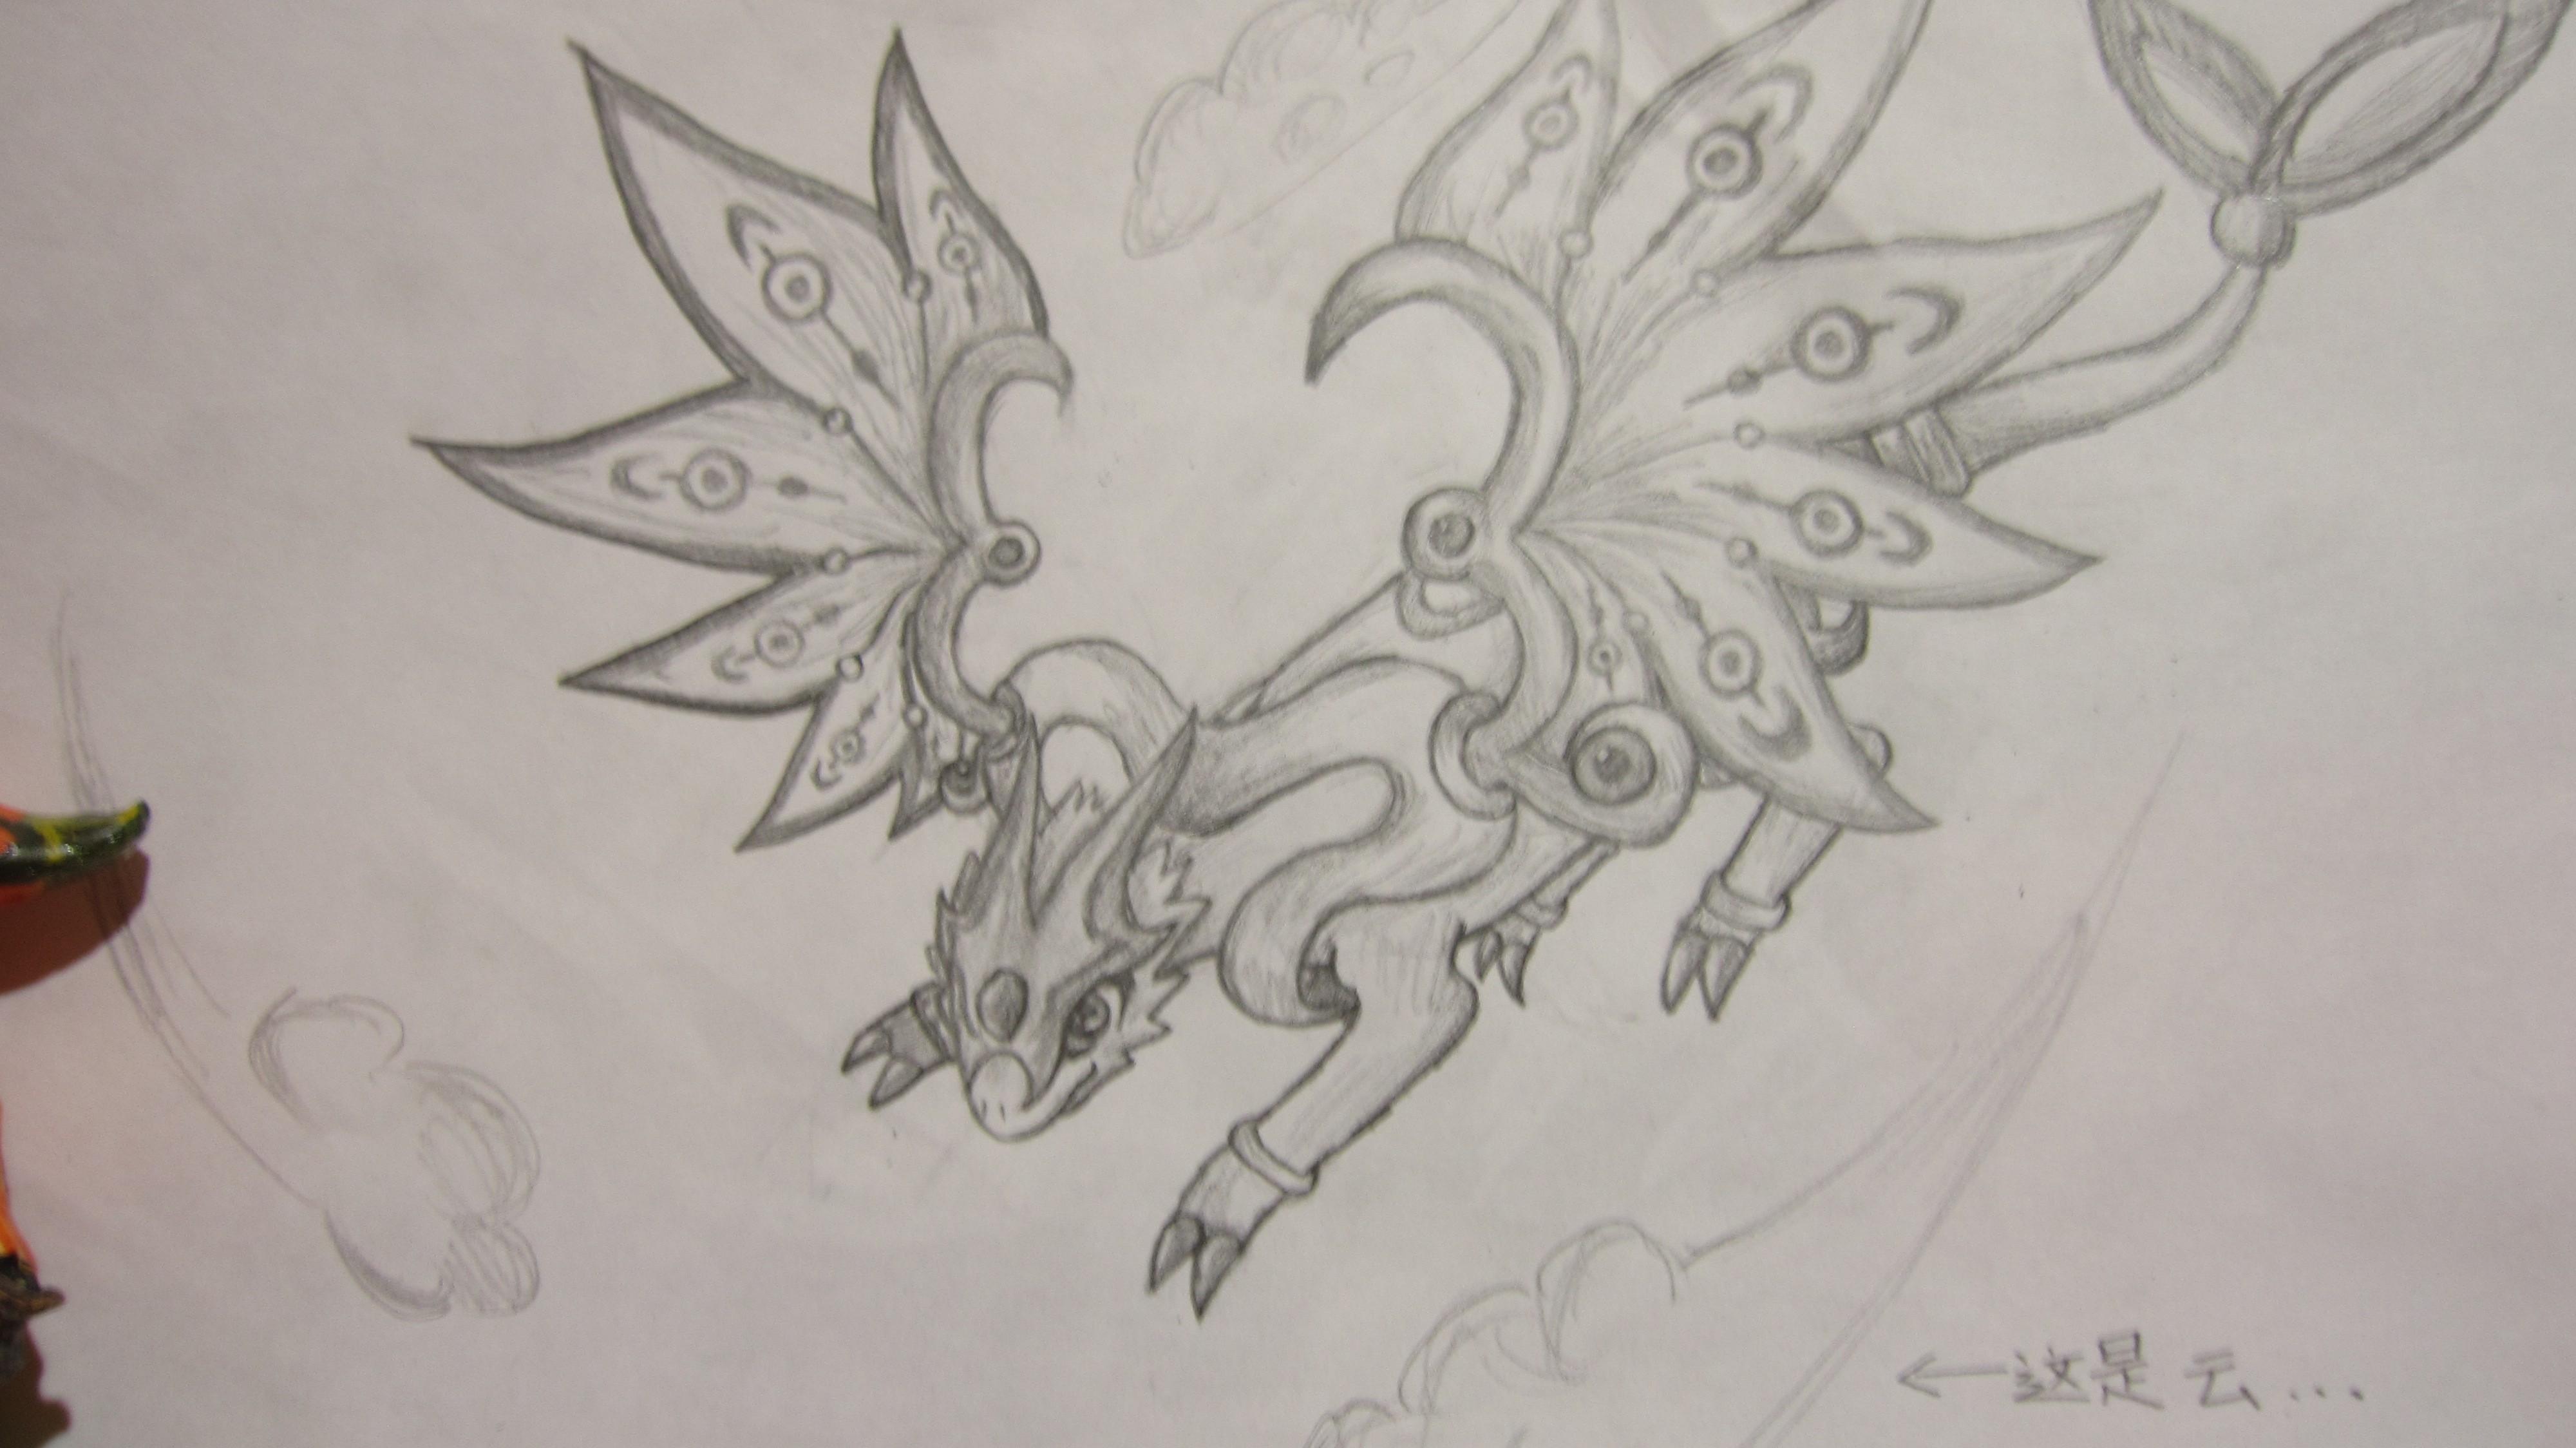 纯铅笔手绘 龙斗士暗影月神